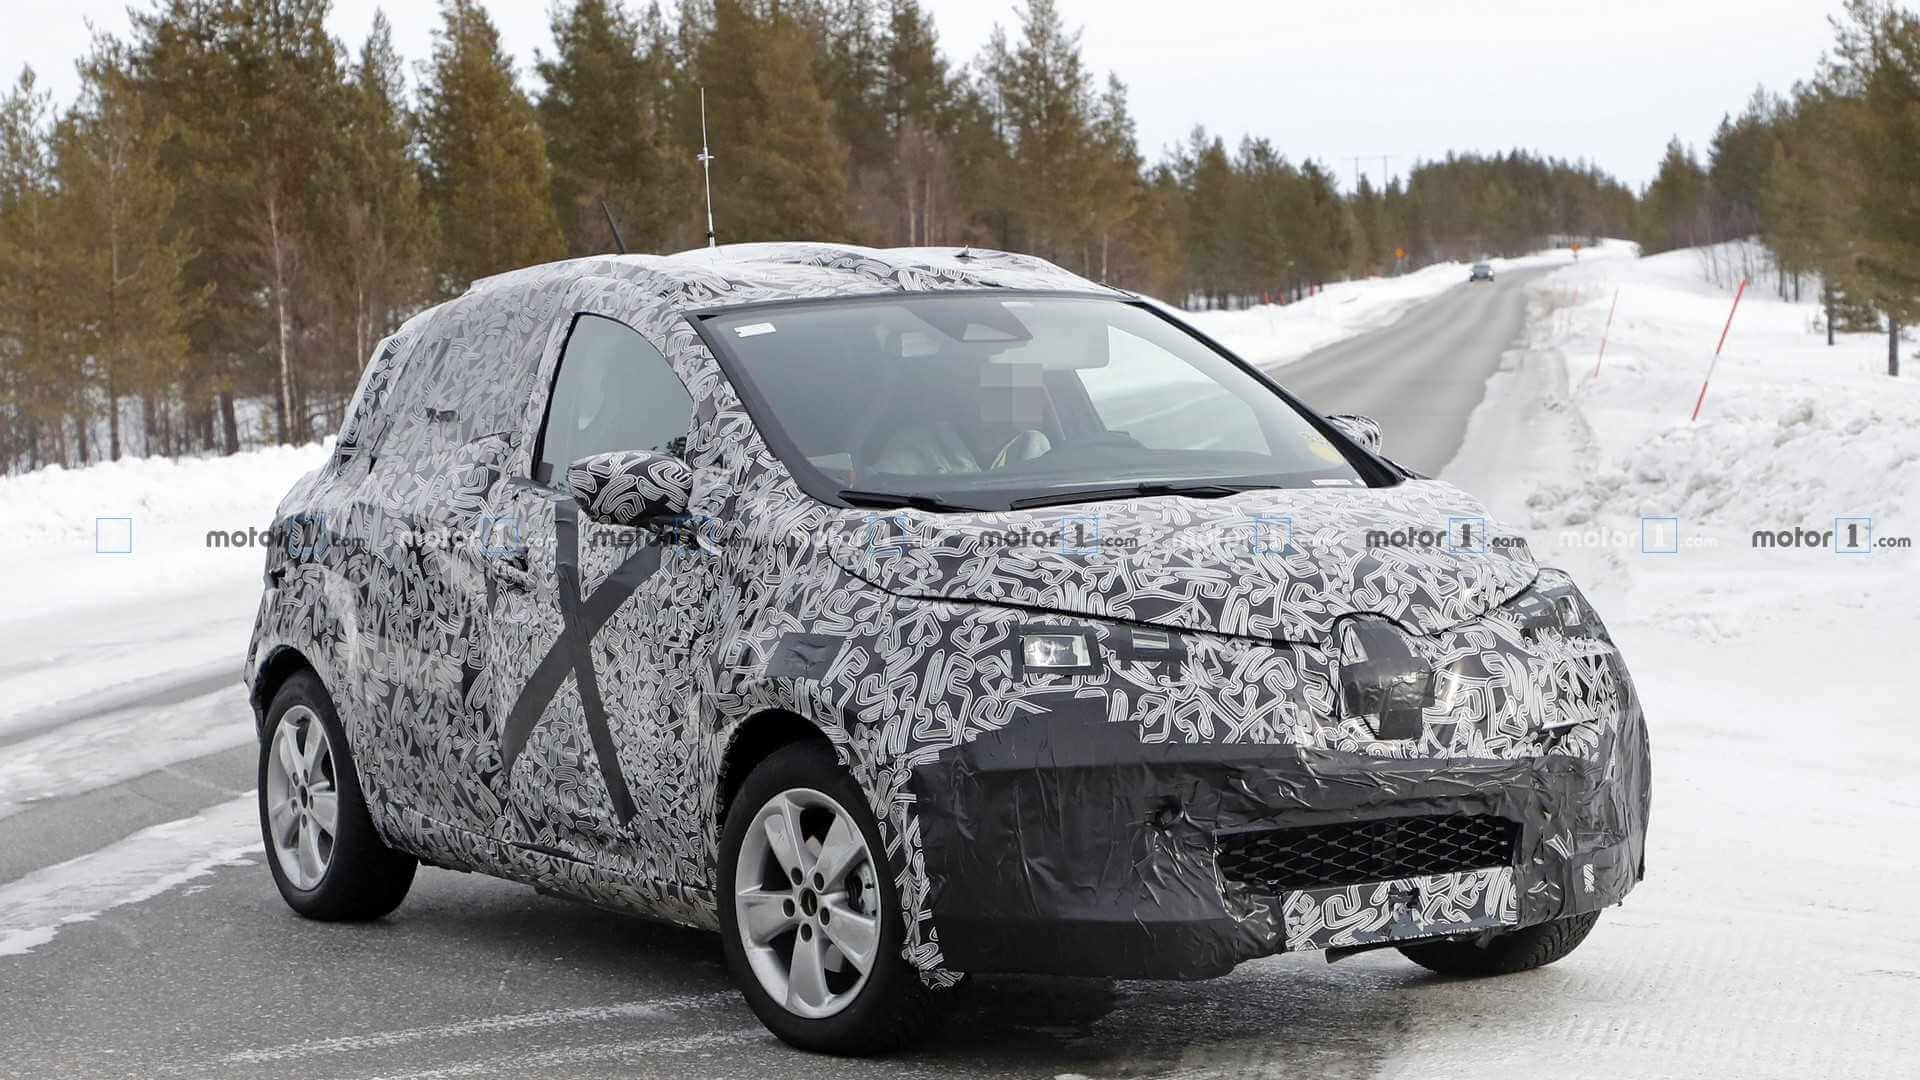 Шпионское изображение Renault ZOE второго поколения во время зимних тестов